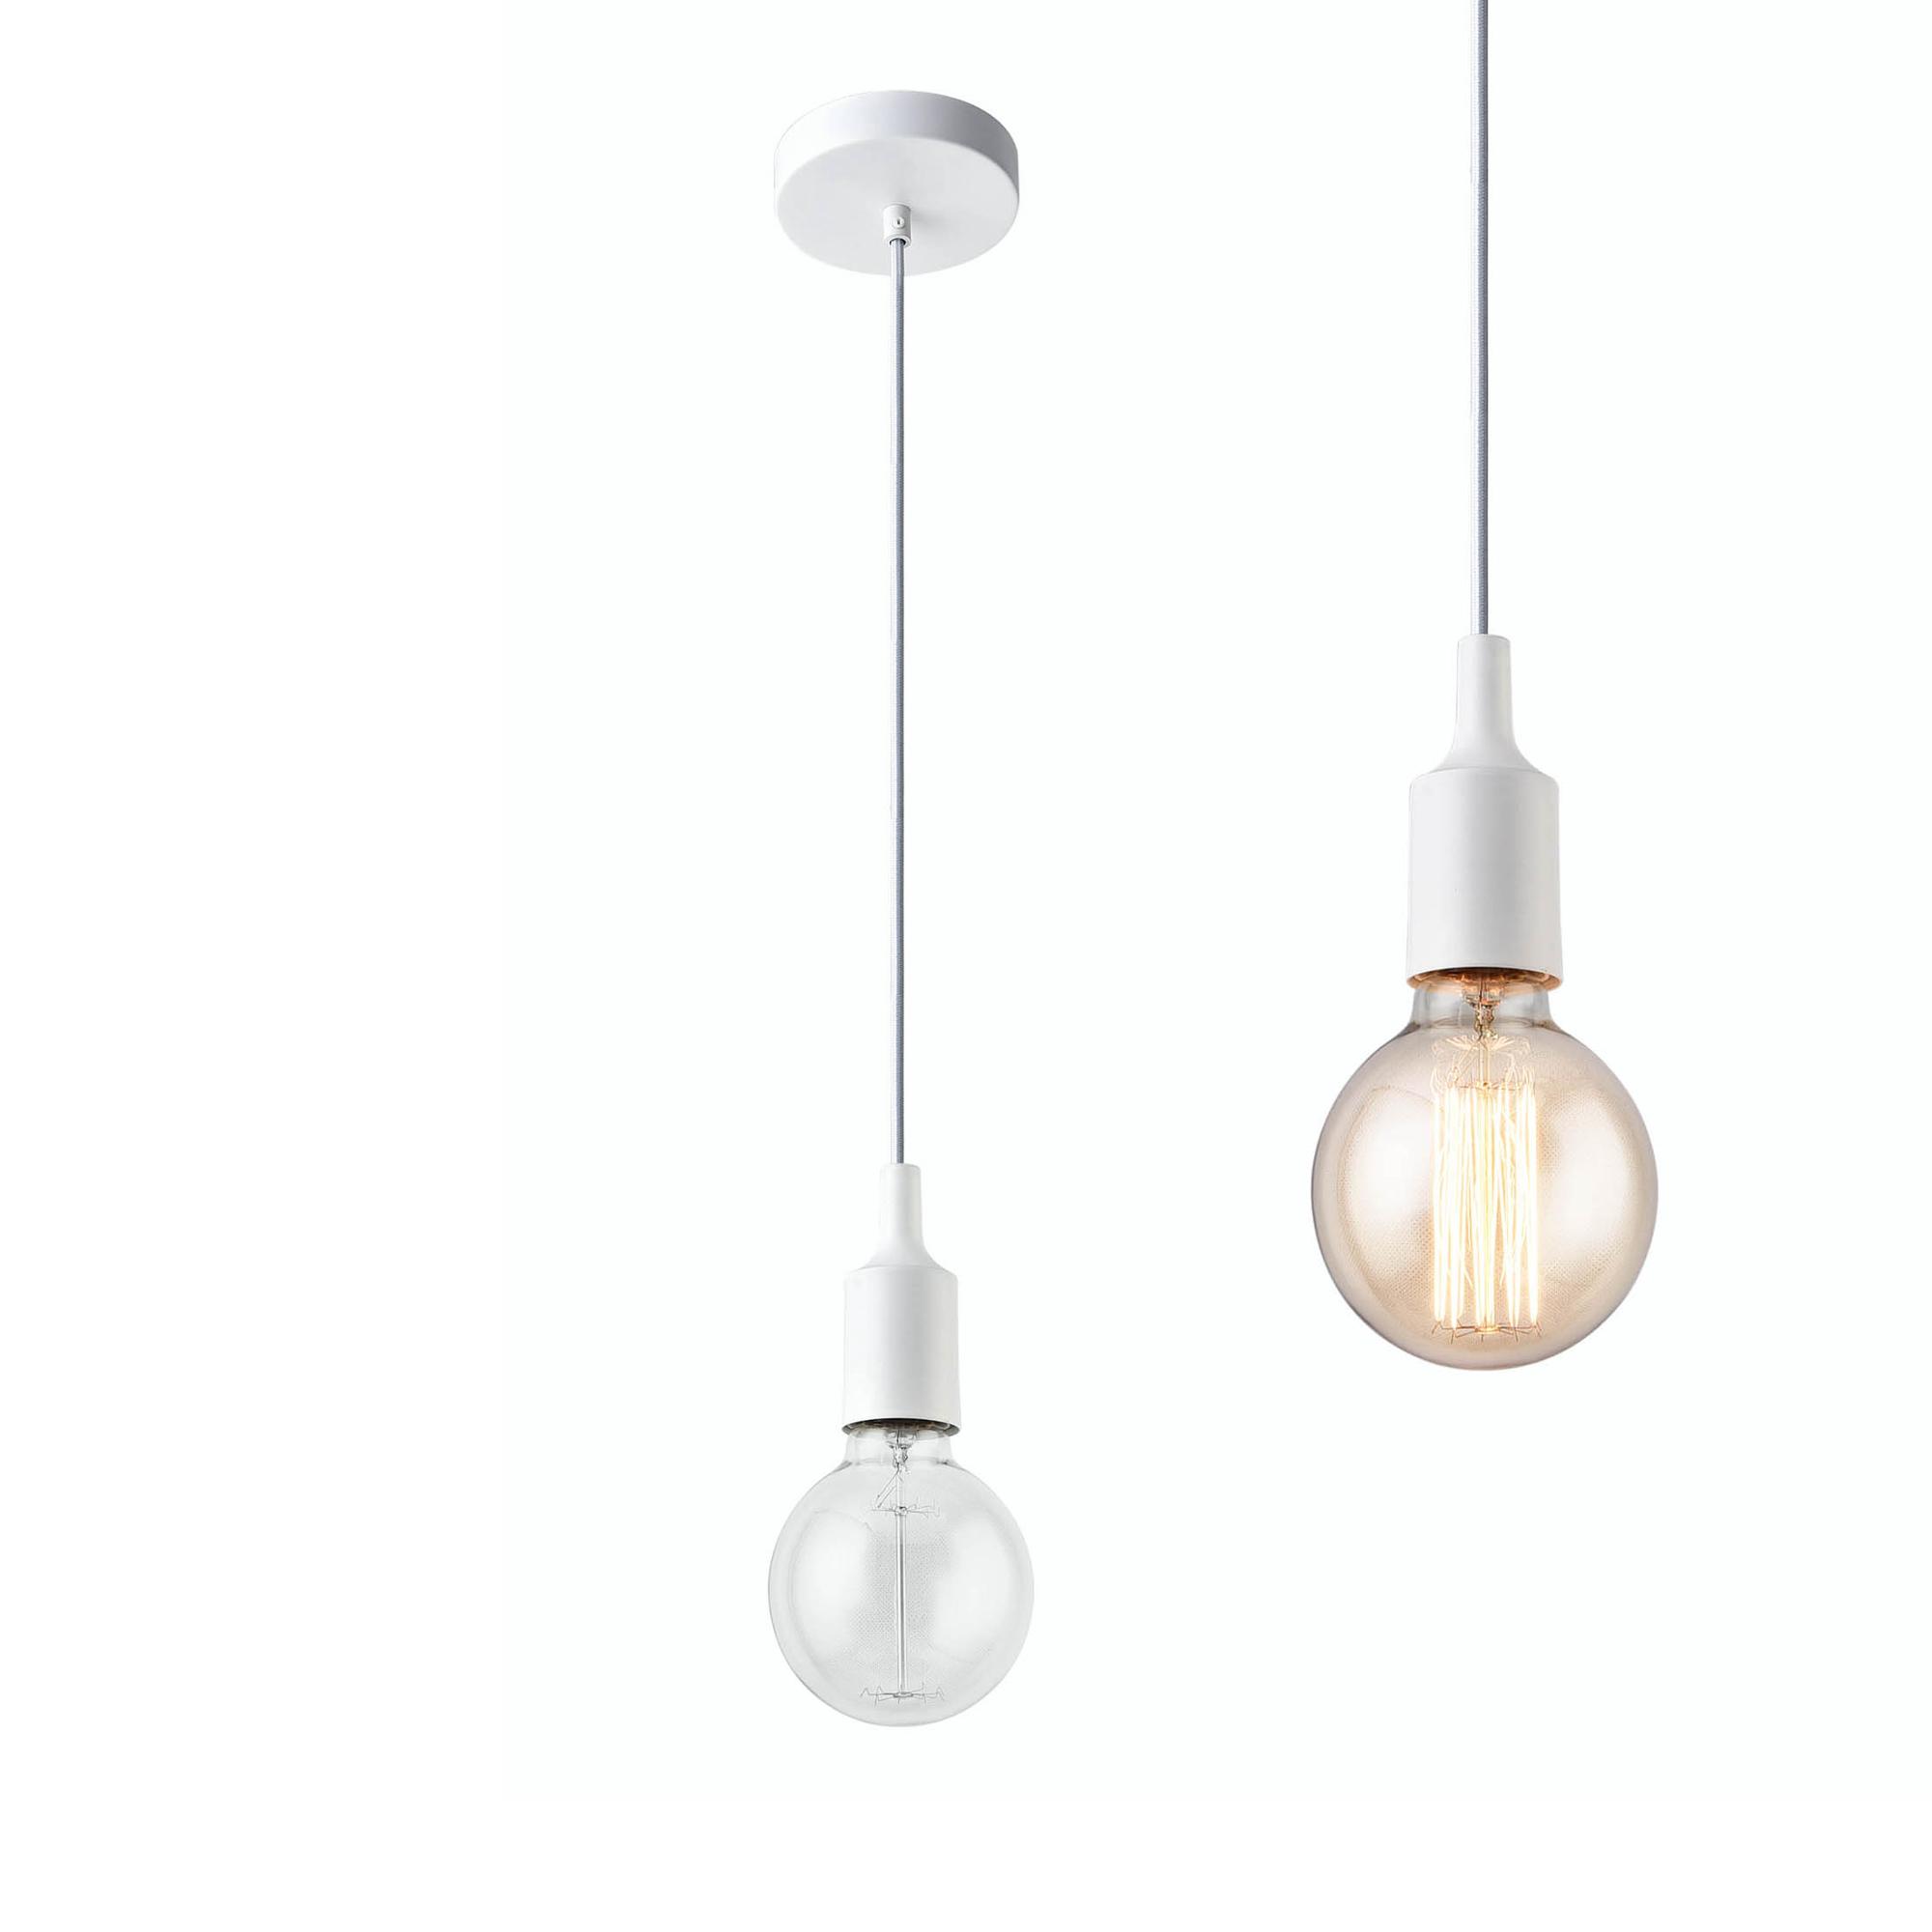 [lux.pro]® Dekoratívní designové závěsné svítidlo / stropní svítidlo - bílé (1 x E27)